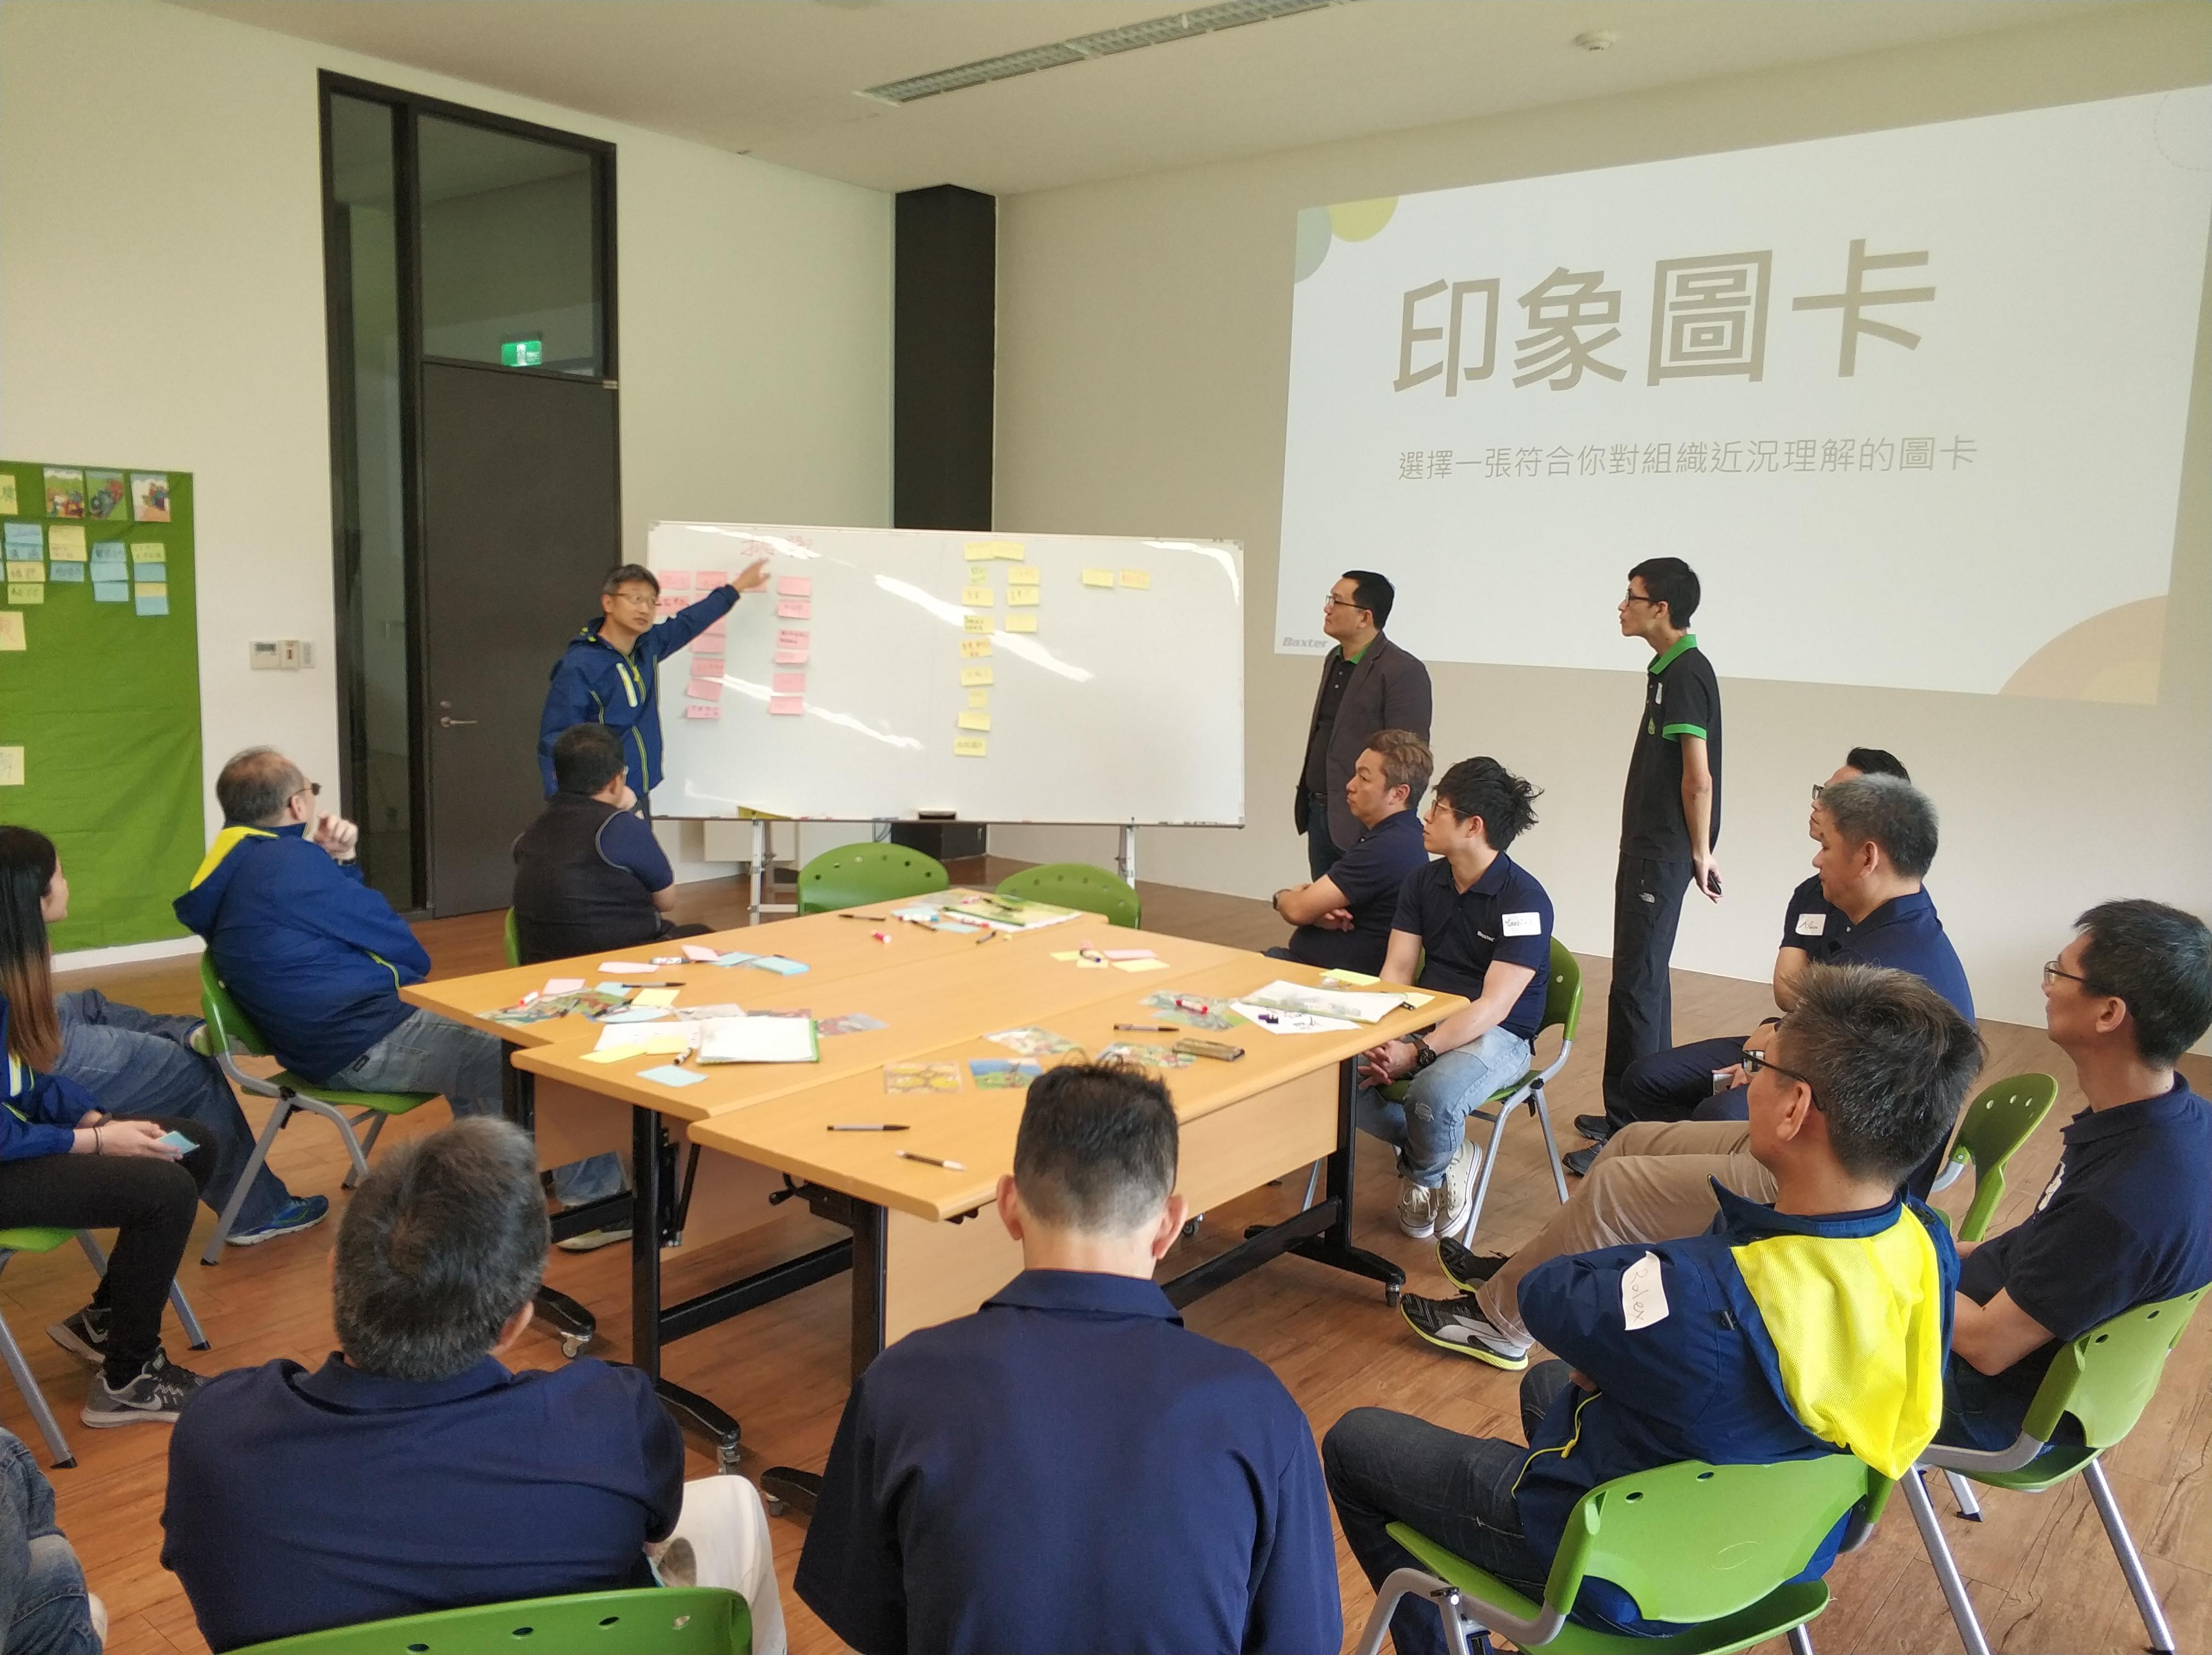 百特技術服務中心_新竹麻布山林team building